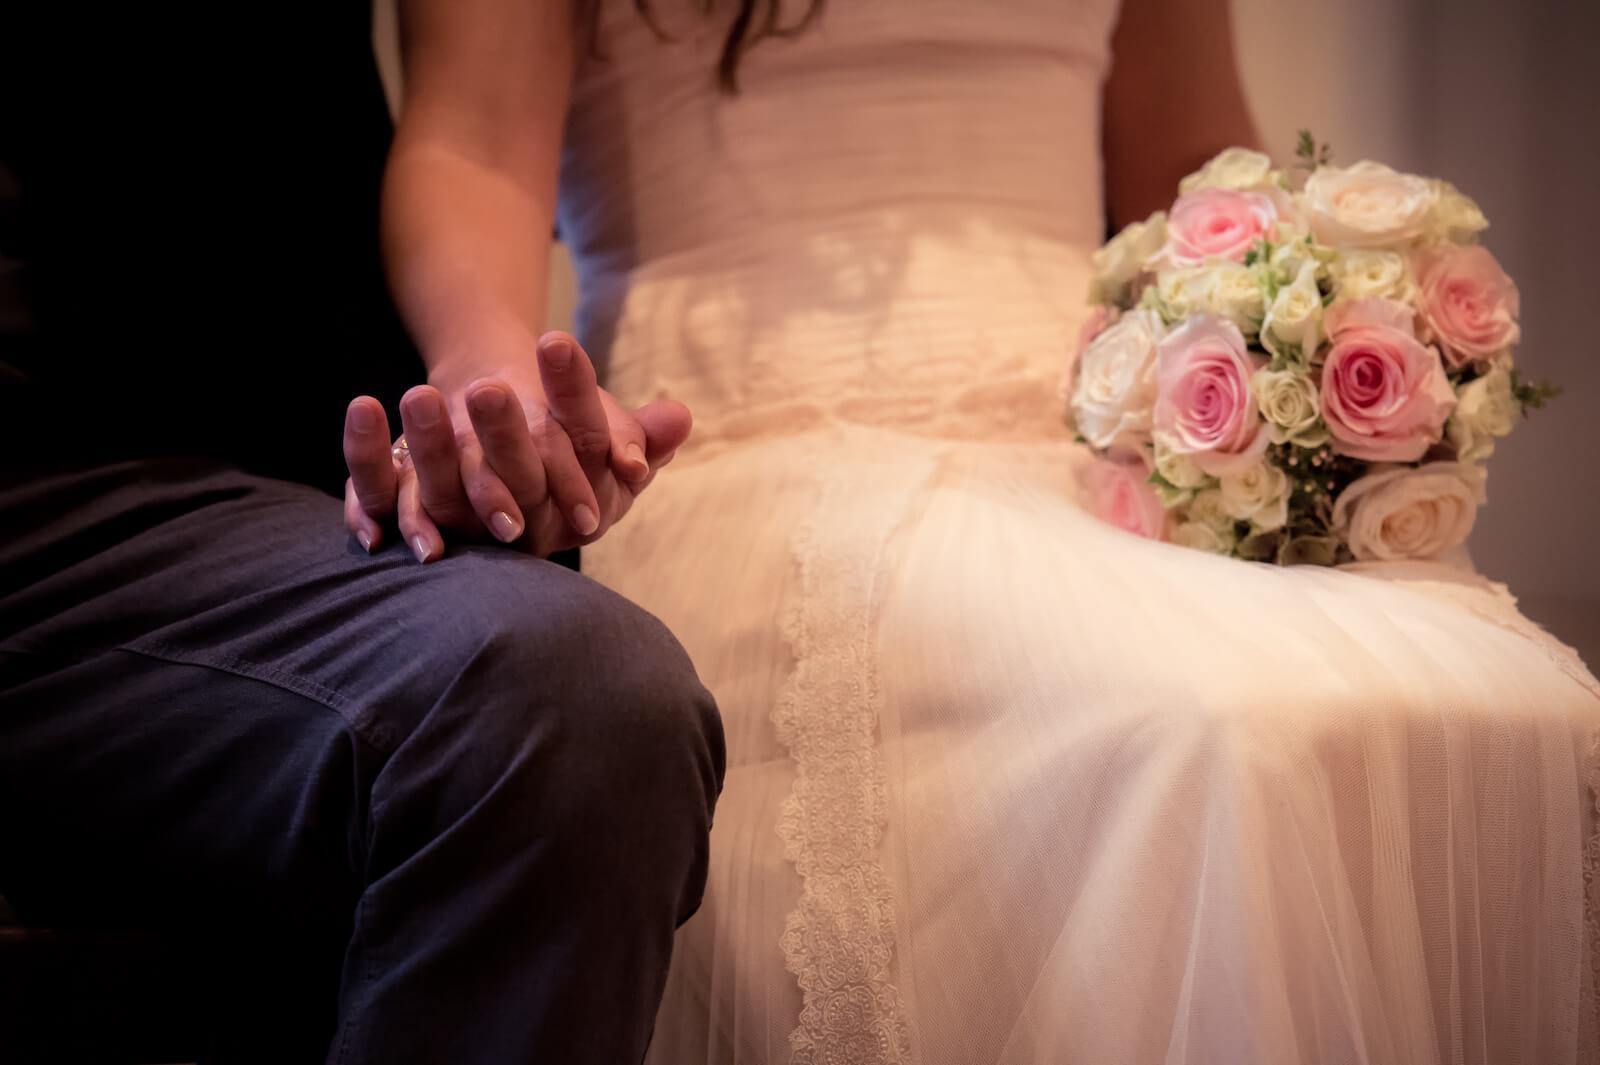 Hochzeit Bohostyle Landsberg - Nahaufnahme der Hände